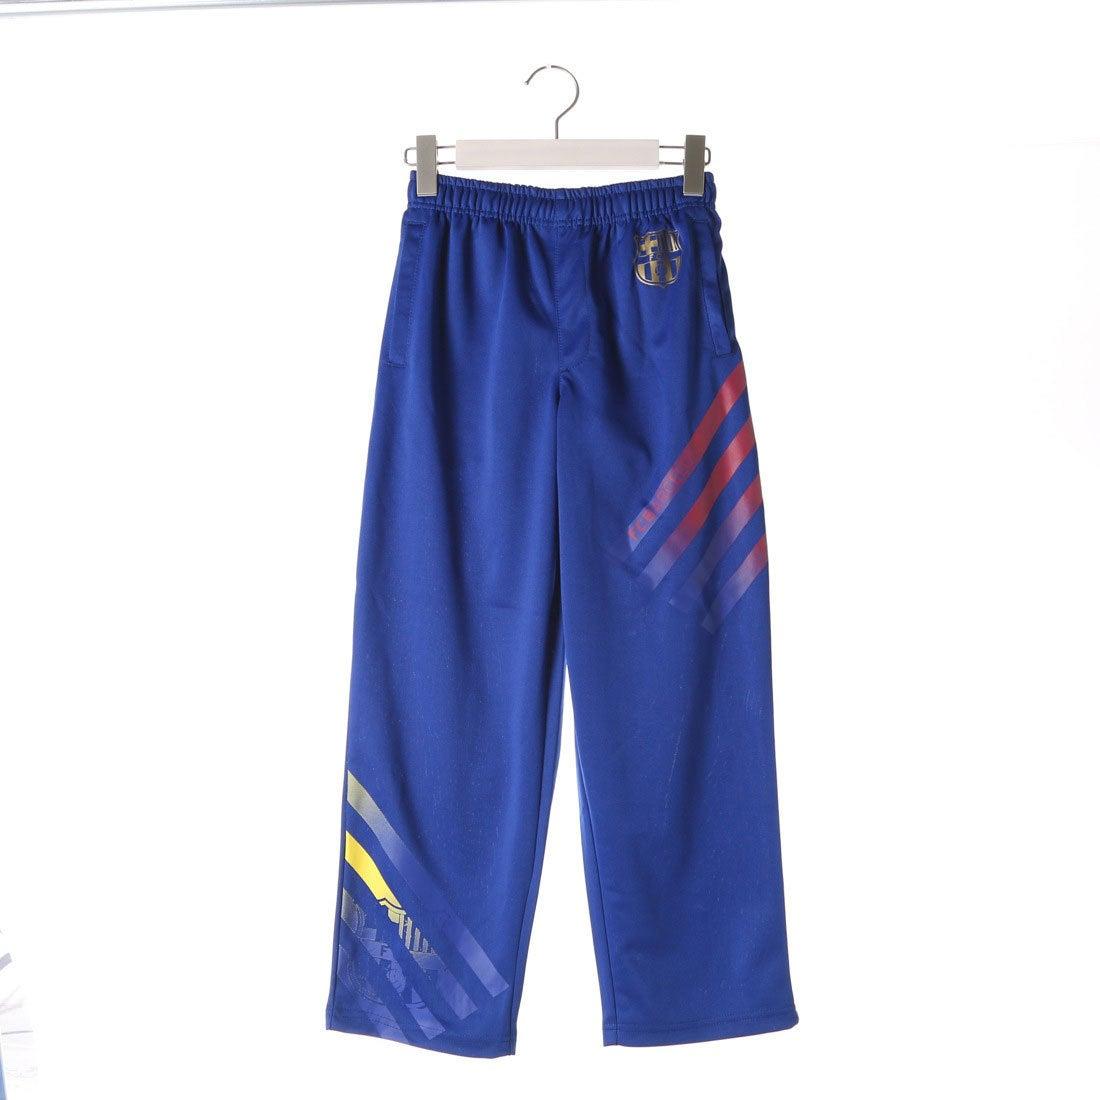 ロコンド 靴とファッションの通販サイトスポーツデポ SPORTS DEPO ジュニア サッカー/フットサル ライセンスアウターパンツ FCBARCELONA トレーニングパンツ CCF463300